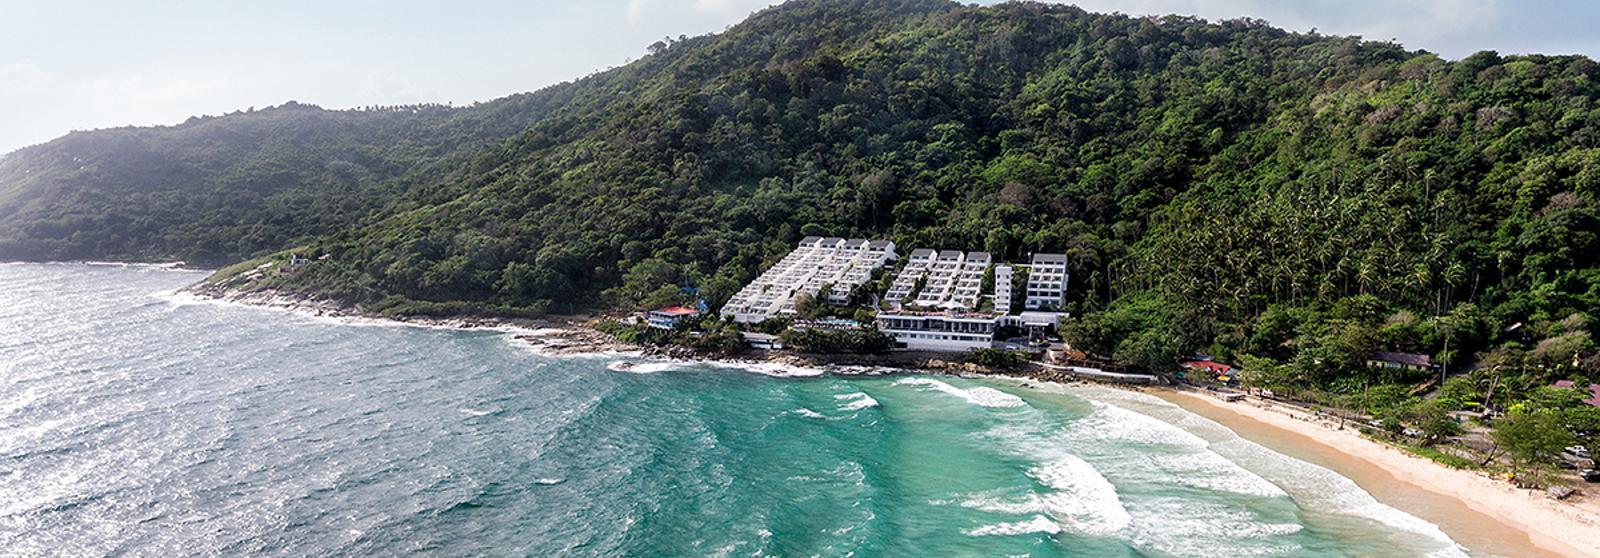 奈涵御景度假酒店(The Nai Harn) 图片  www.lhw.cn